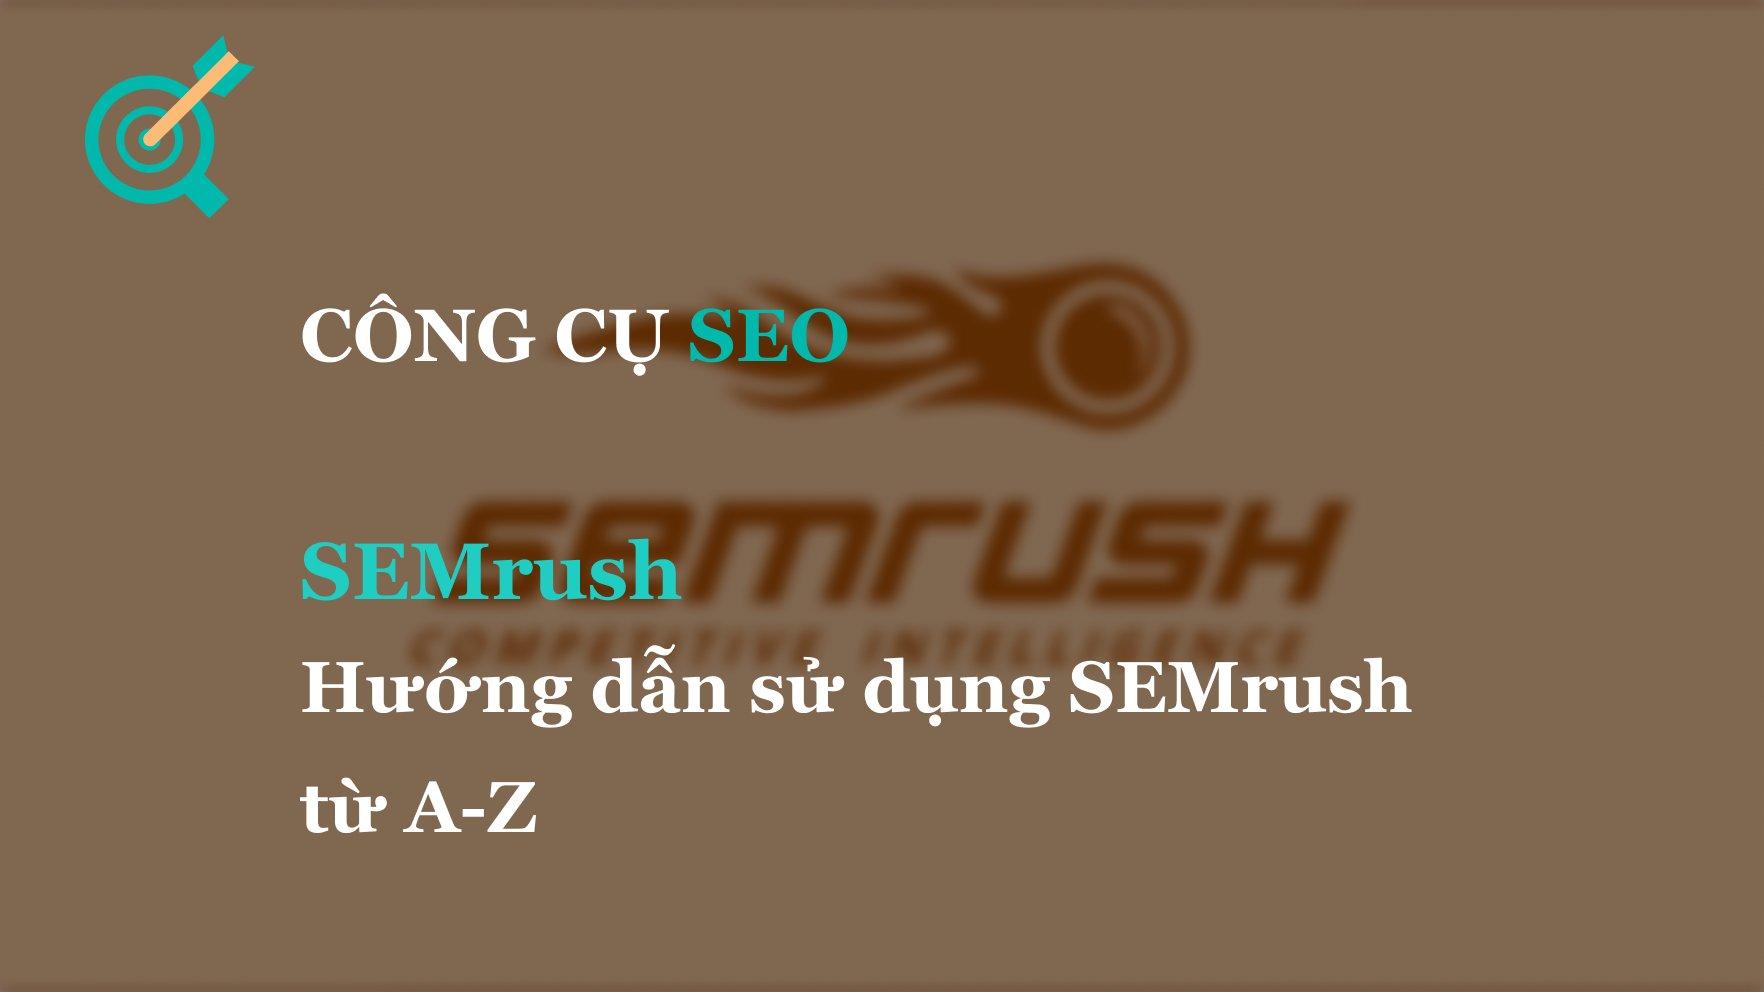 SEMrush: Hướng dẫn sử dụng SEMRush từ A-Z